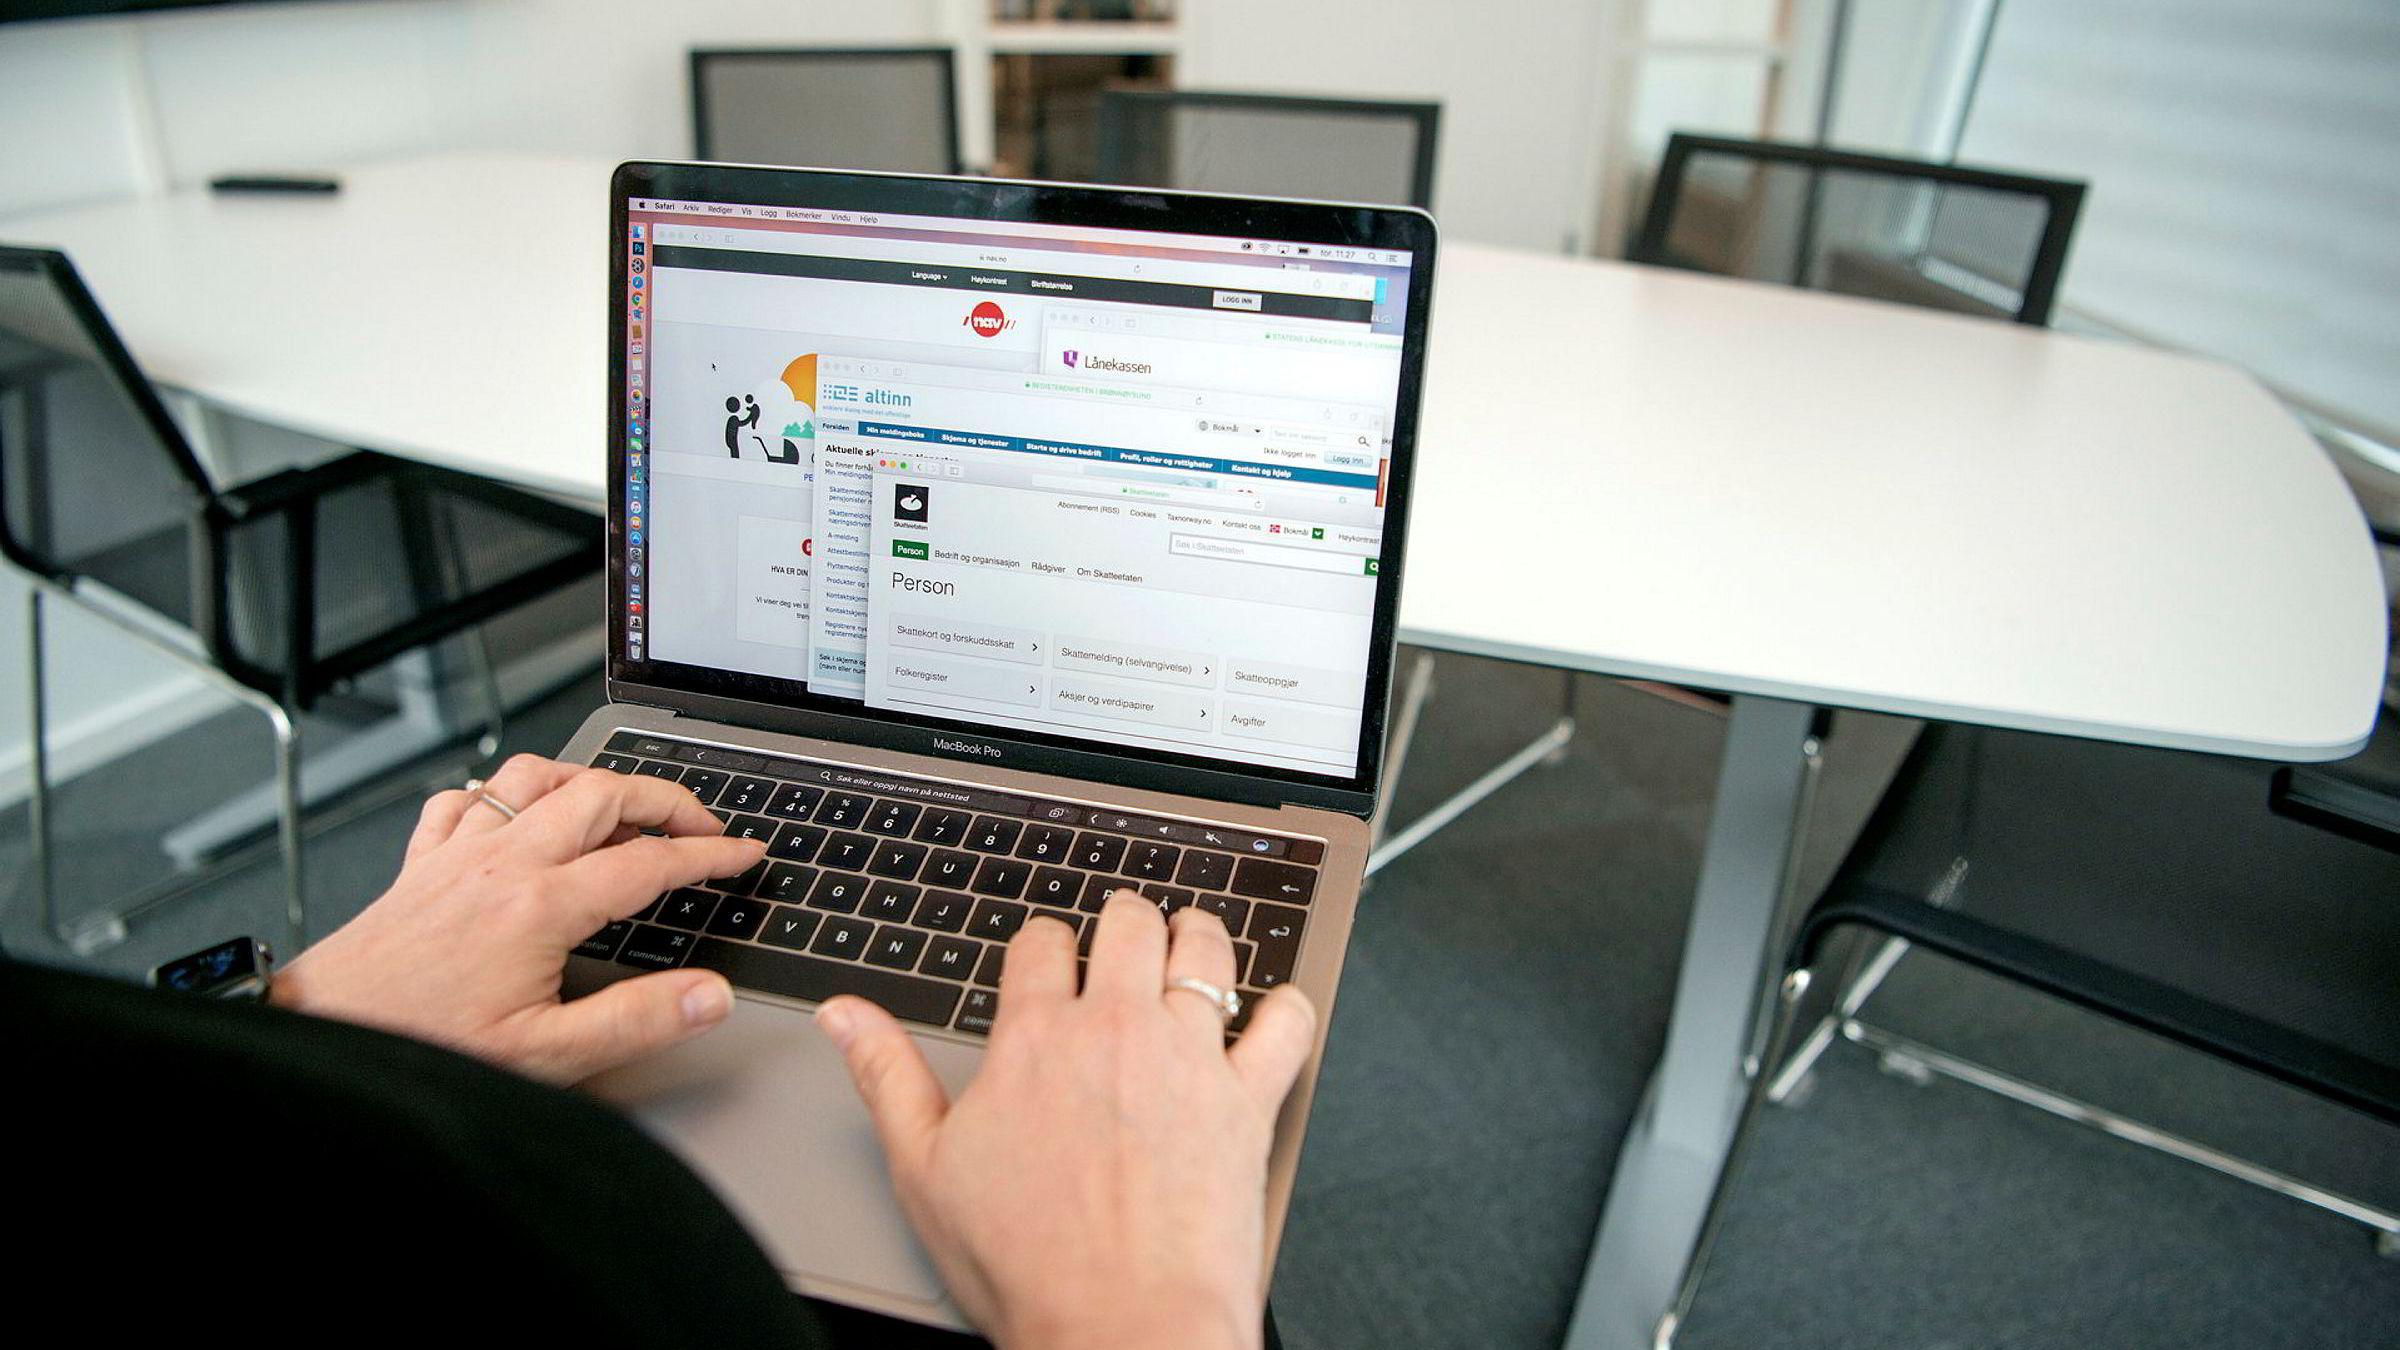 Regjeringen tar grepene for å lede Norge inn i den digitale tidsalder, skriver innleggsforfatteren.